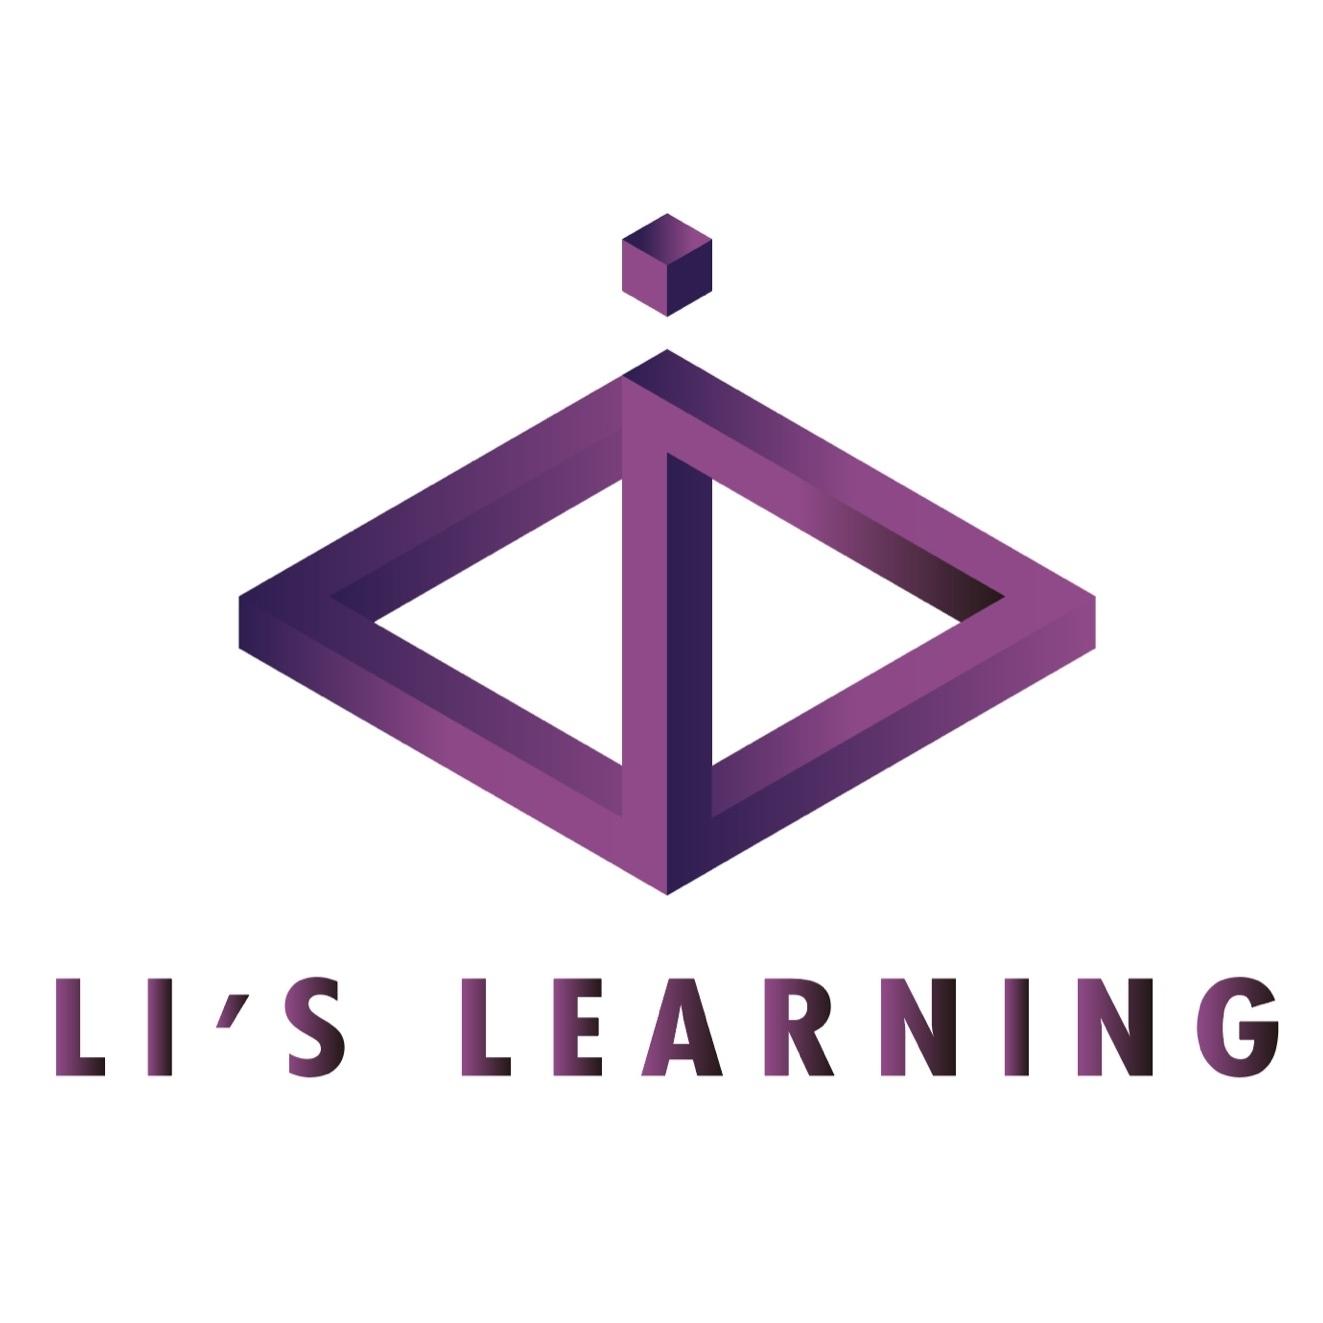 LI'S LEARNING